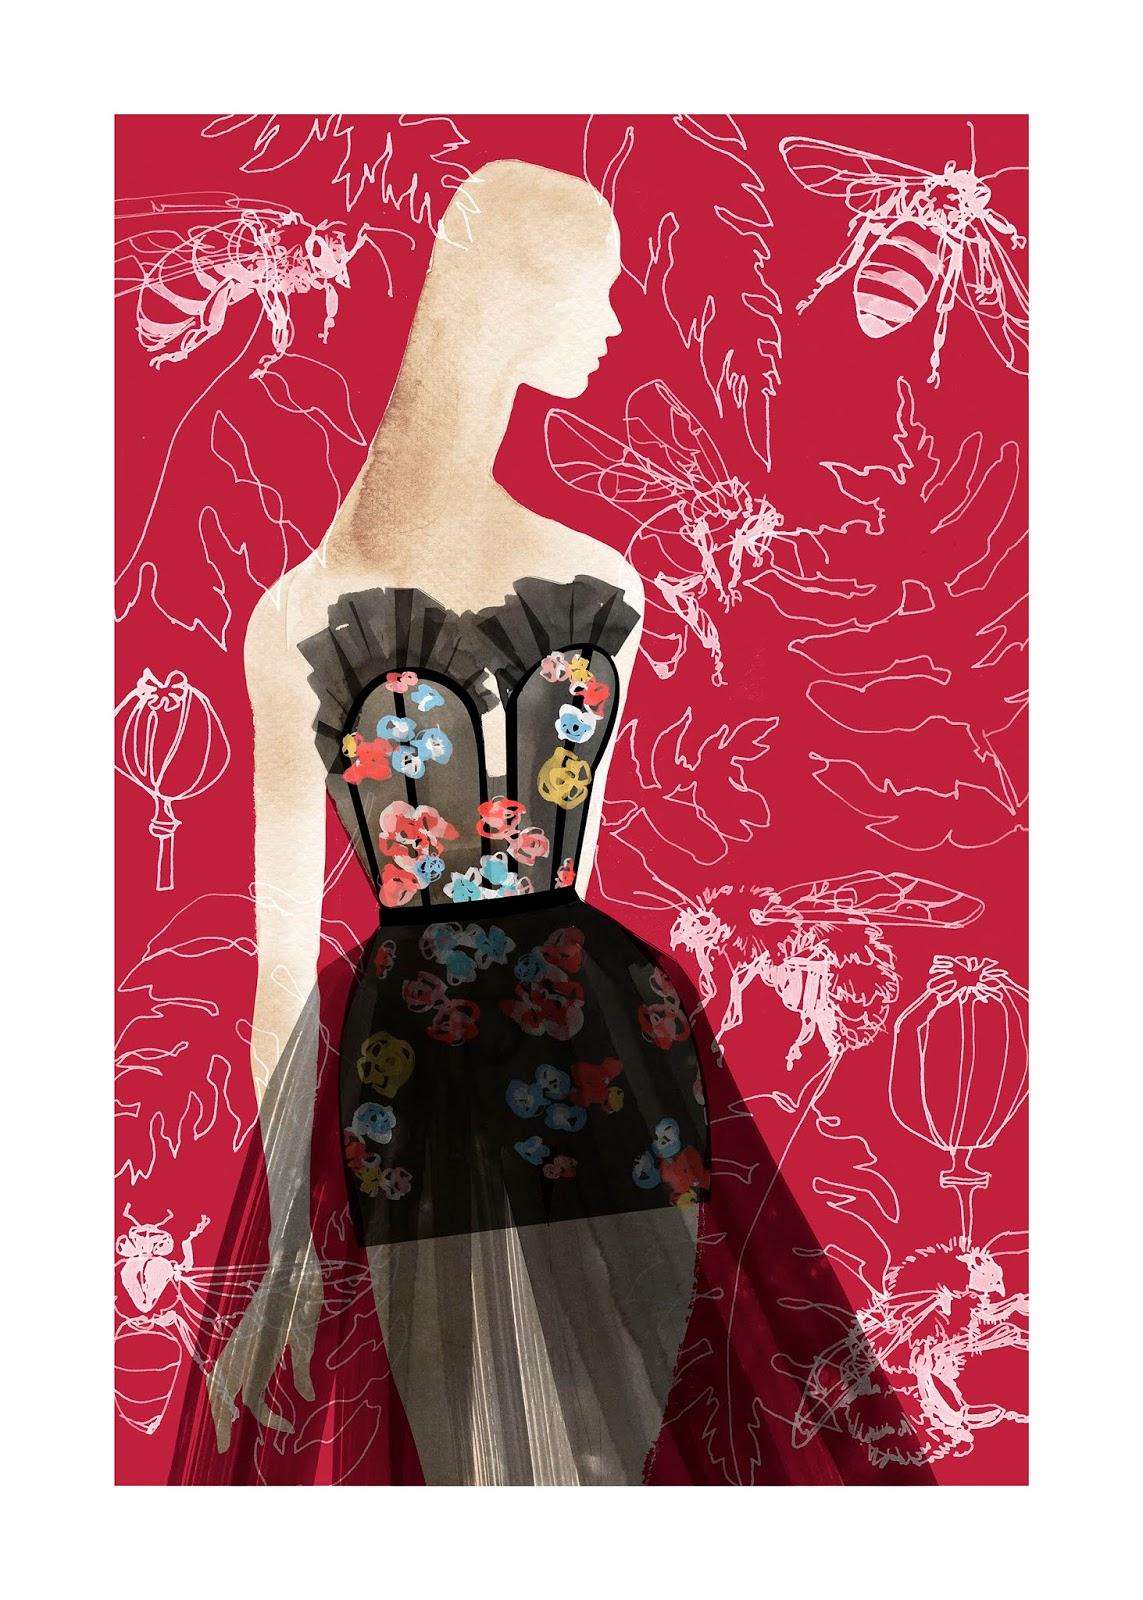 Ilustración de Manuela Montero de mujer con vestido de flores con ruedo de transparencias